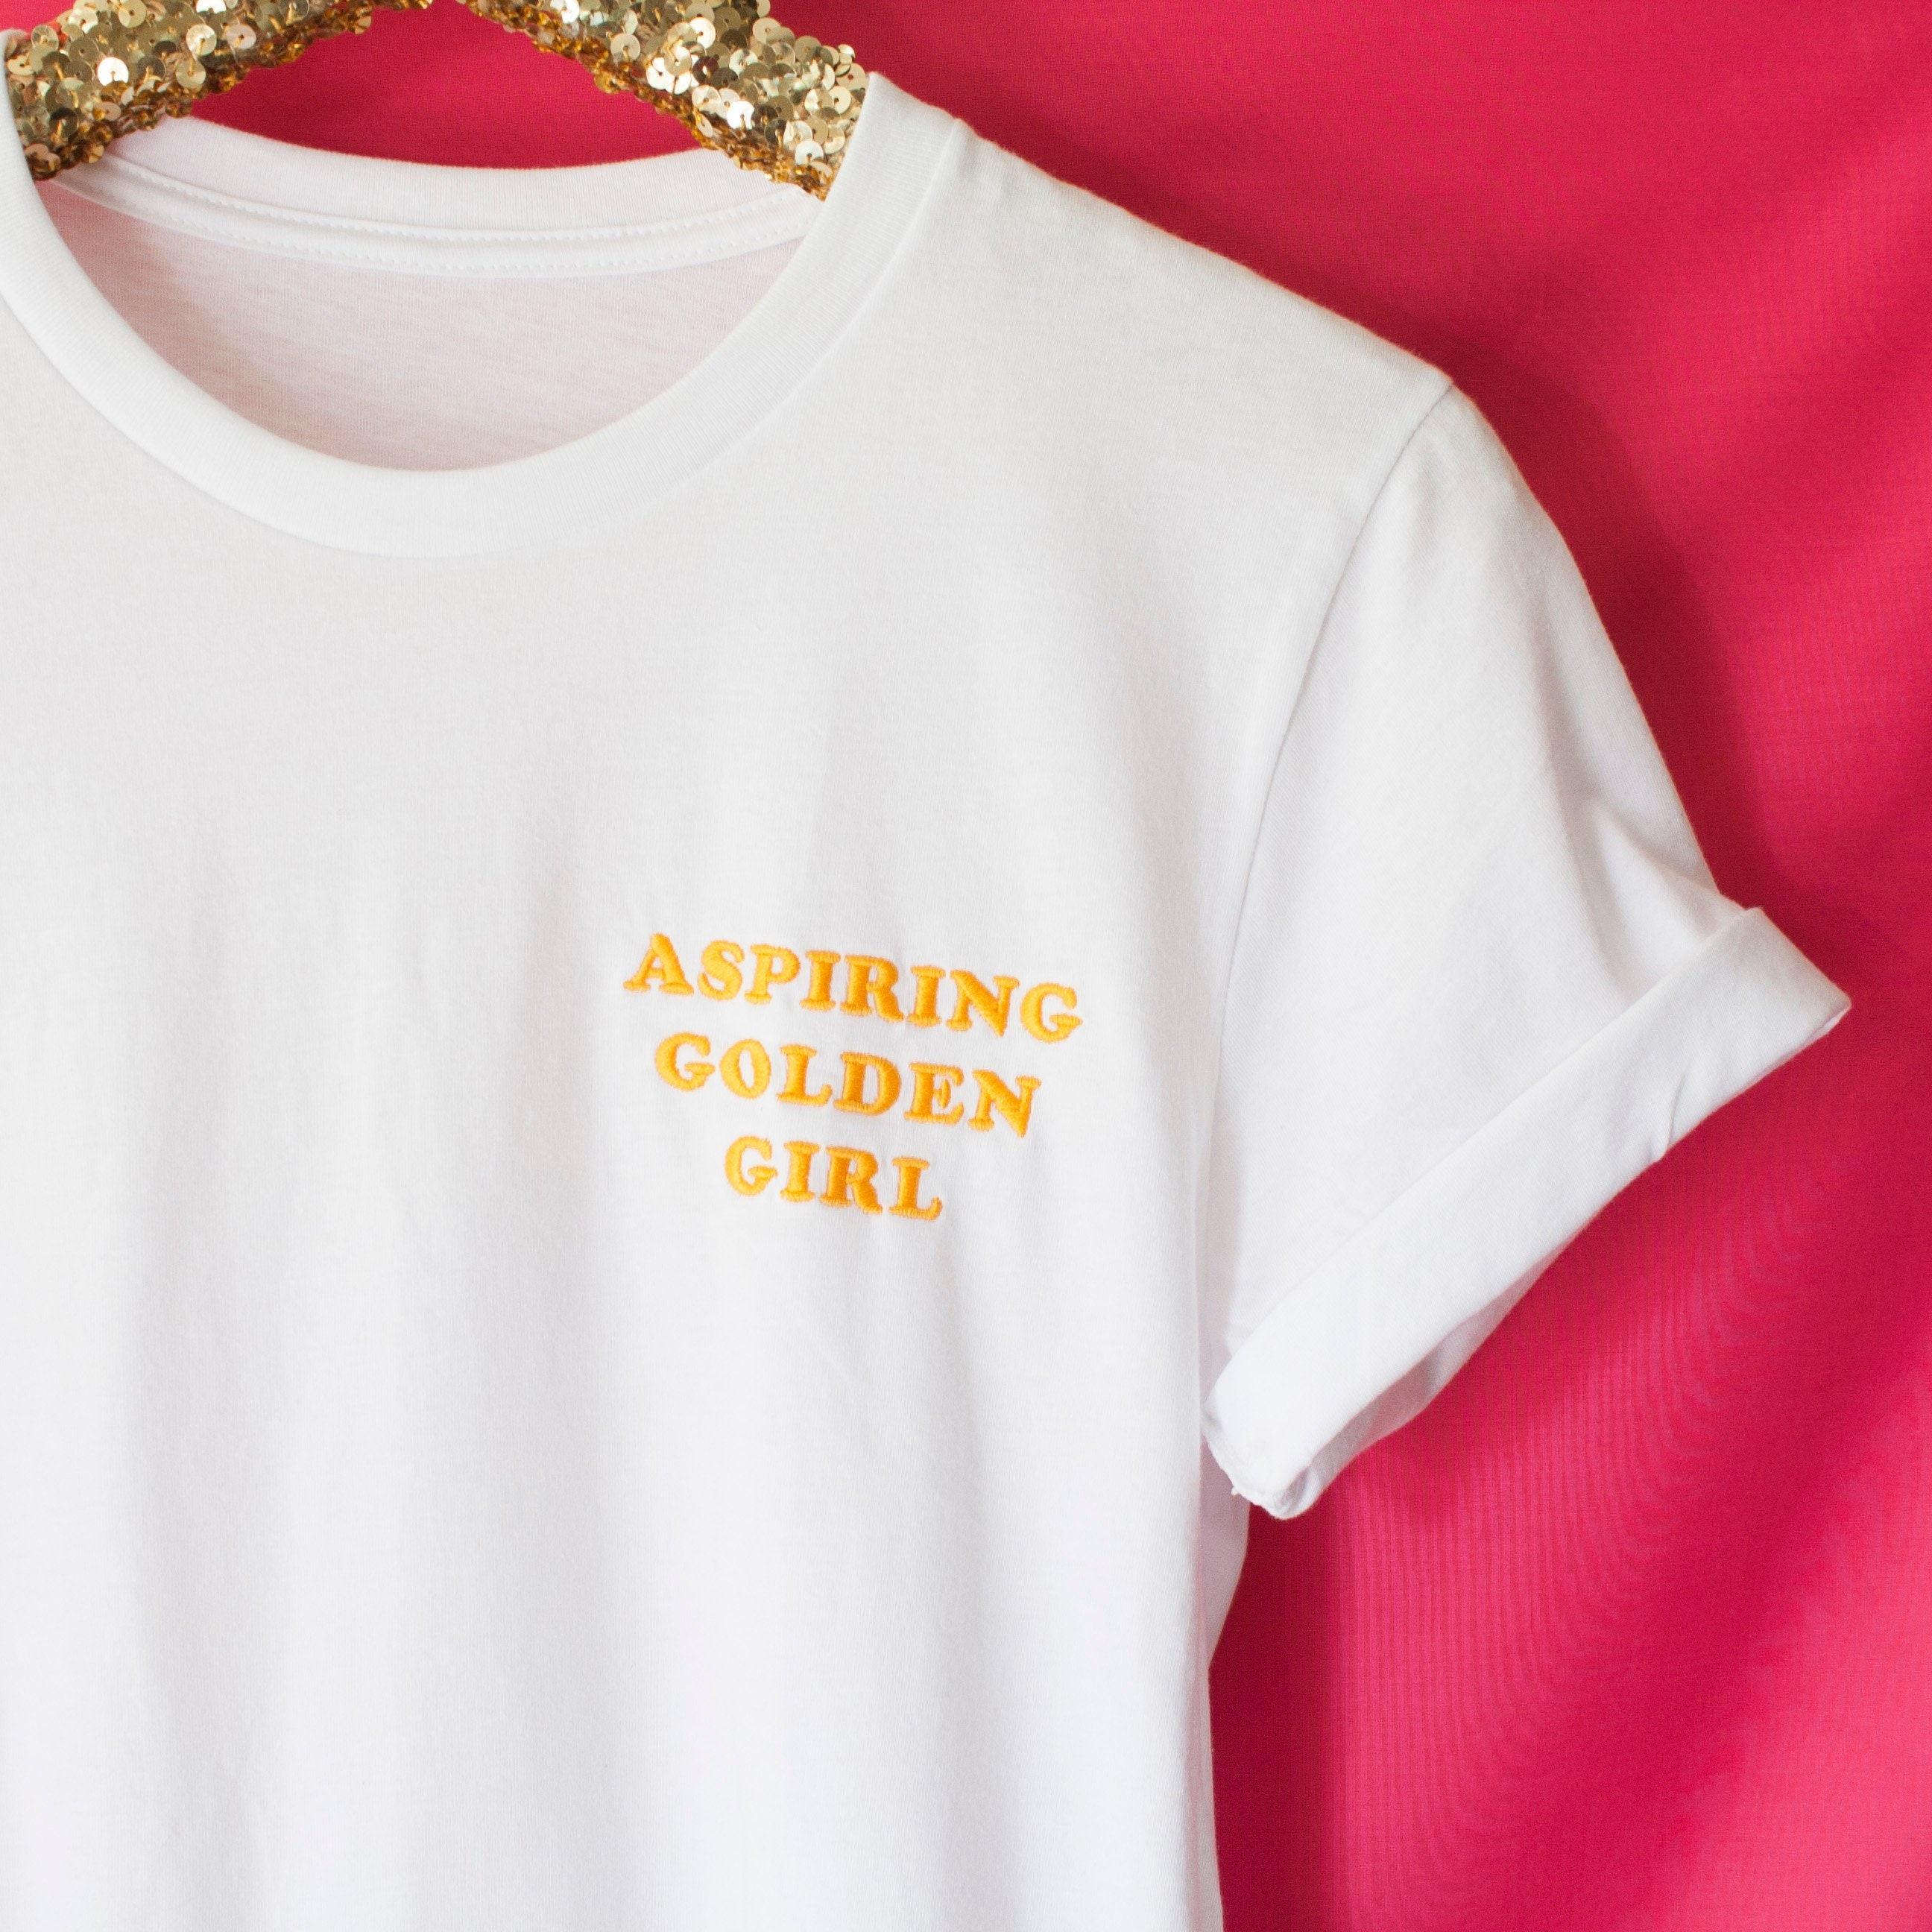 88a280fee3f Golden Girls Shirt